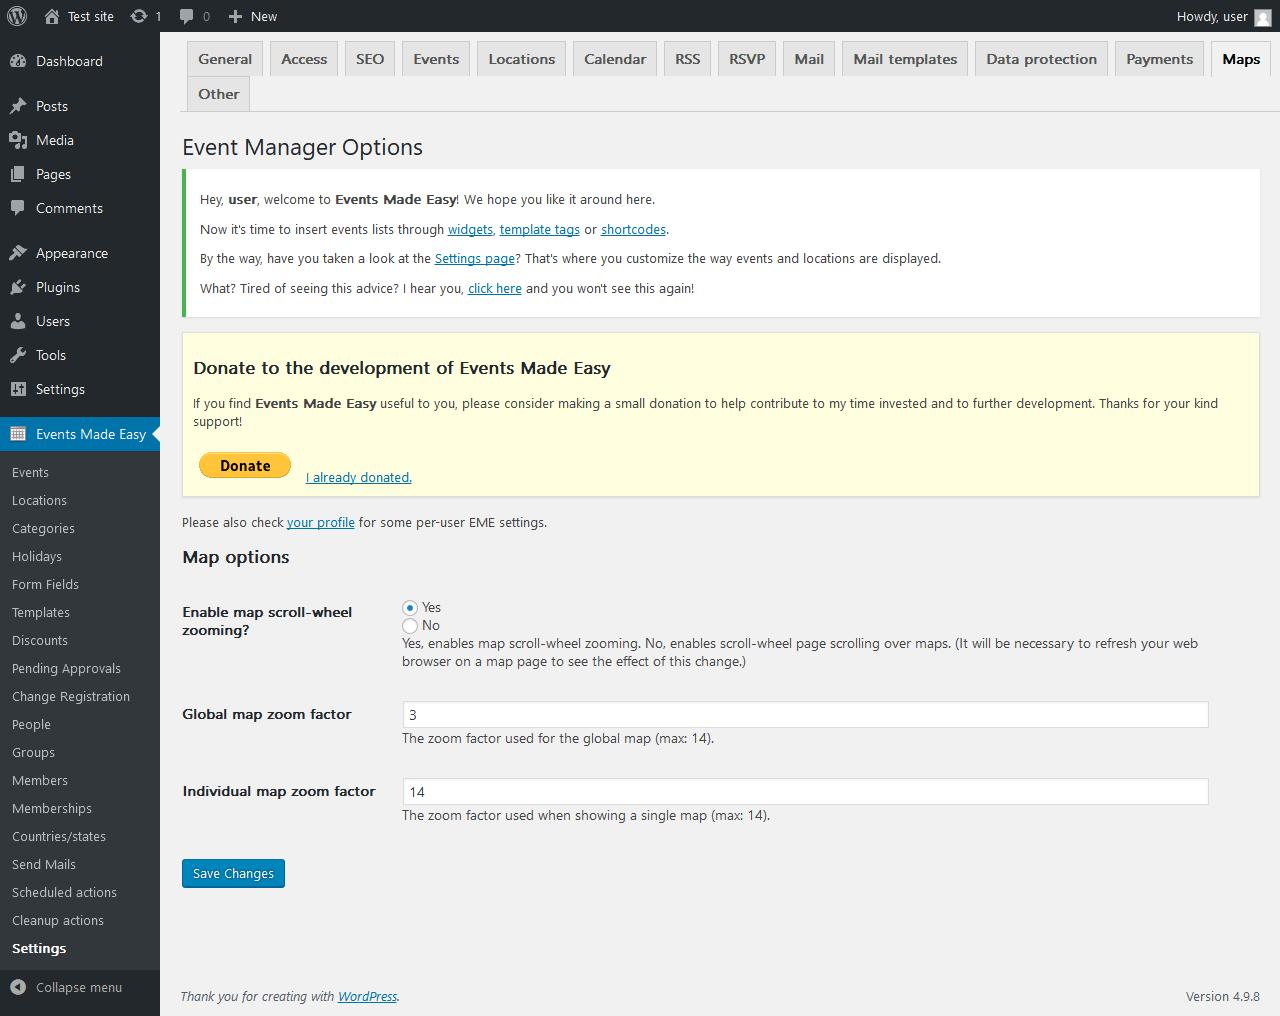 Report - Events Made Easy 2 0 54 - PluginTests com